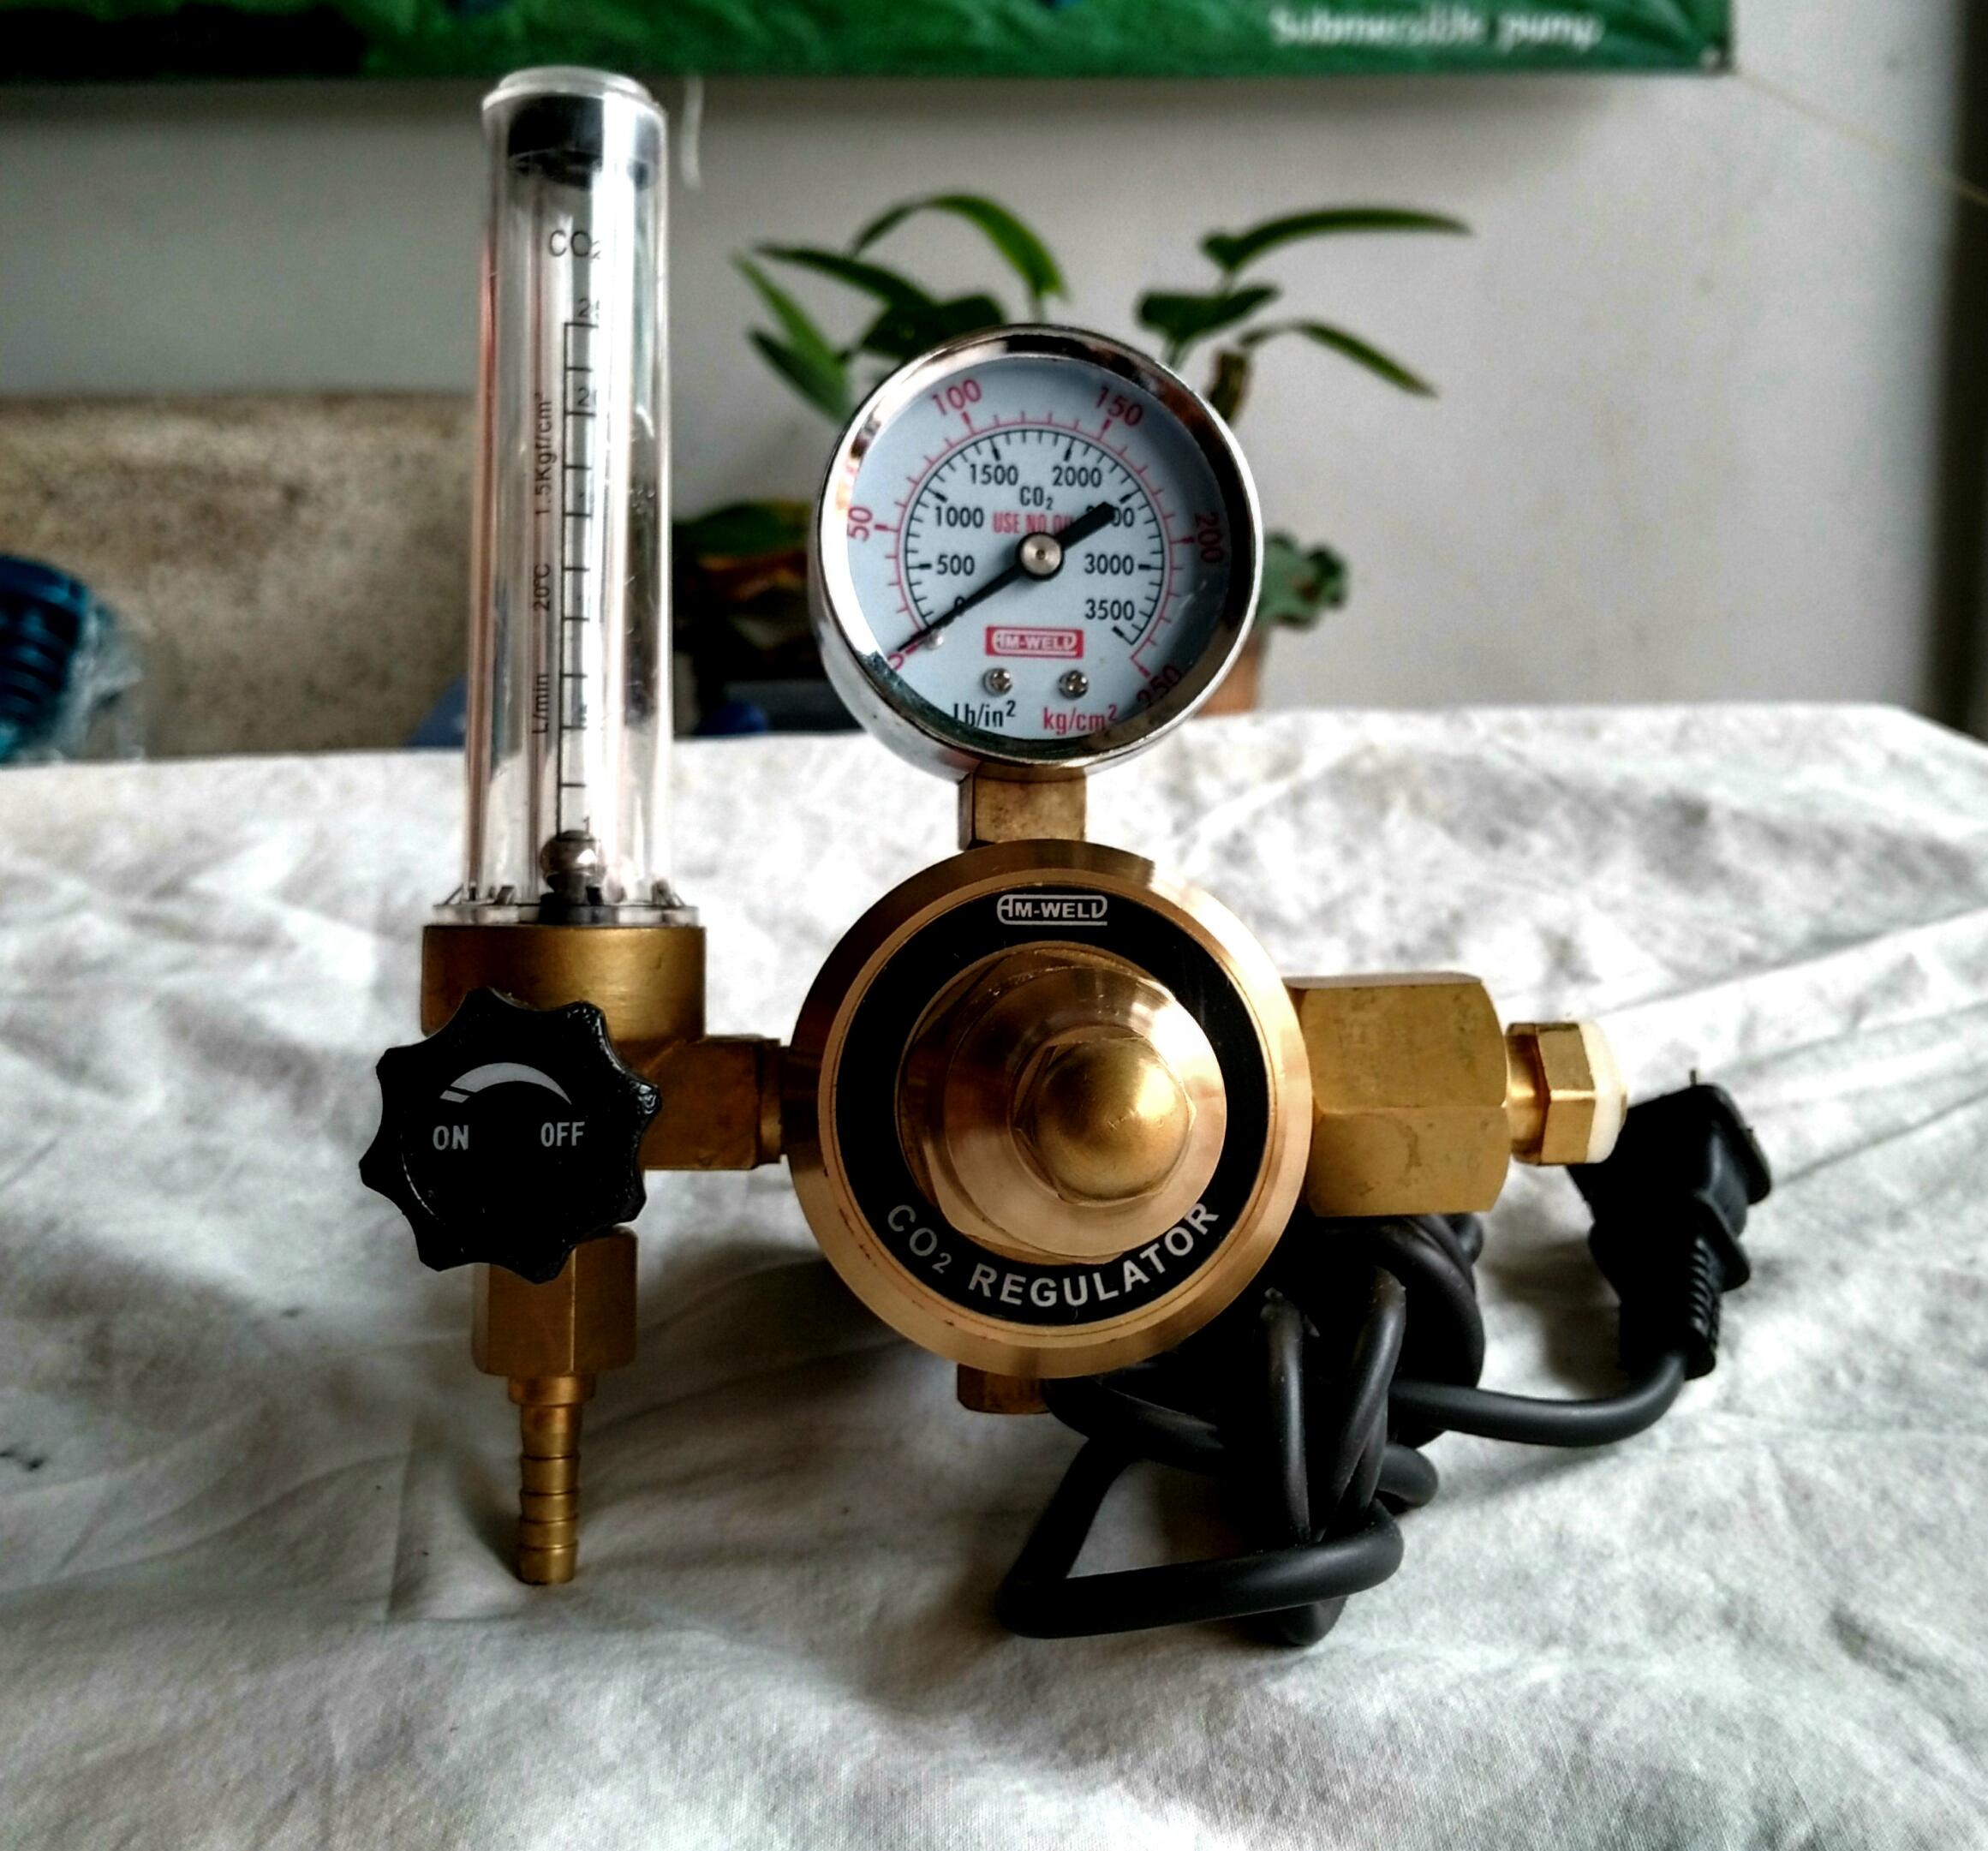 เกจ์แก๊ส CO2 พร้อมฮีตเตอร์ AM-WELD